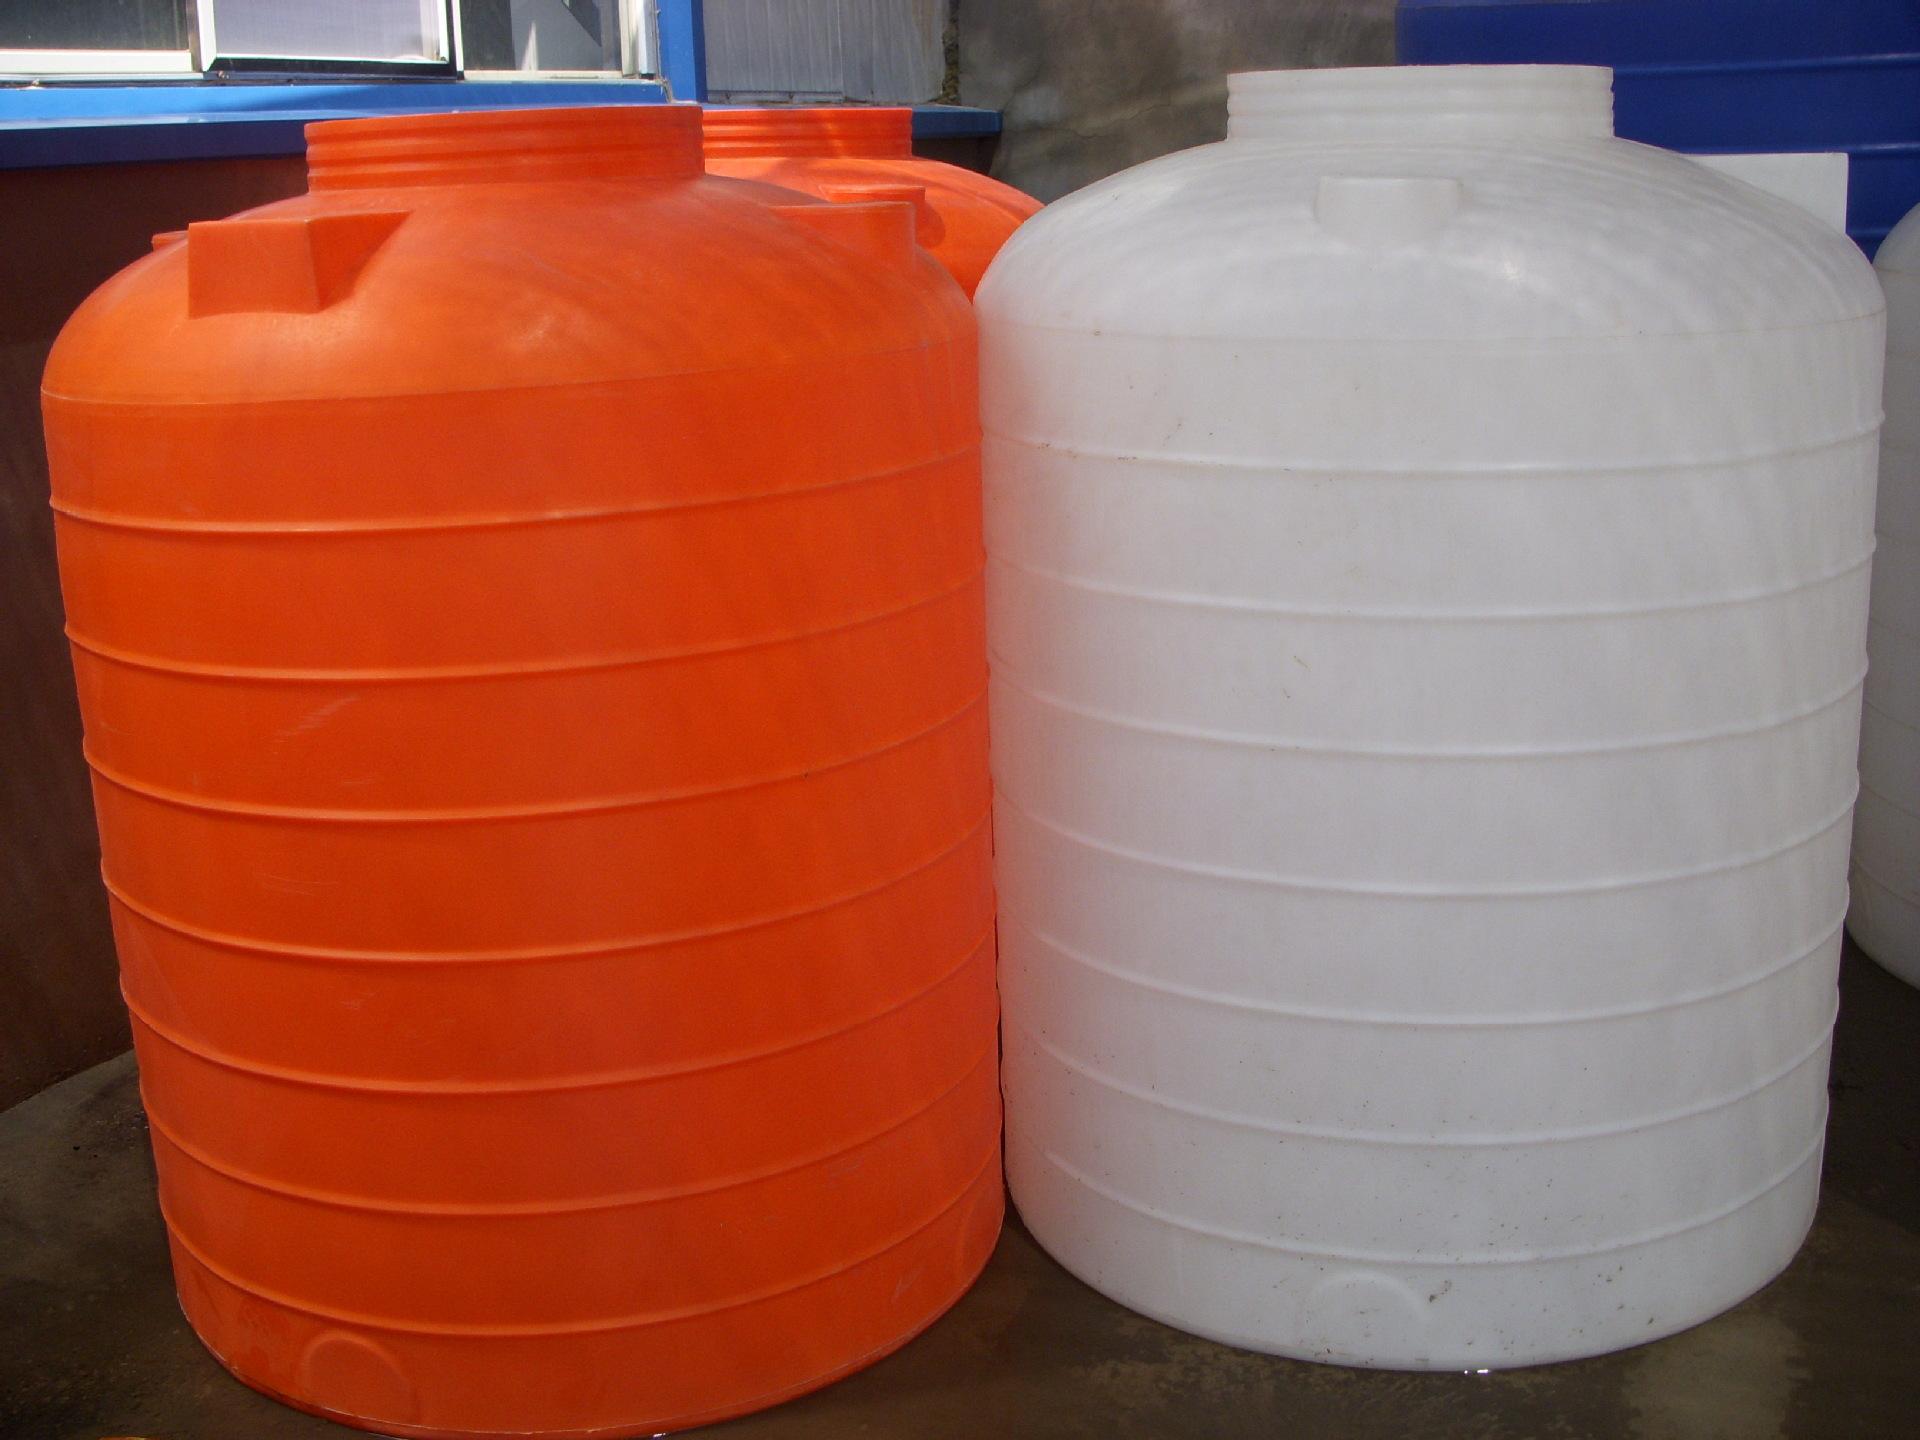 【供应】搅拌站外加剂、混凝土助磨剂、助凝剂水箱、聚乙烯水箱